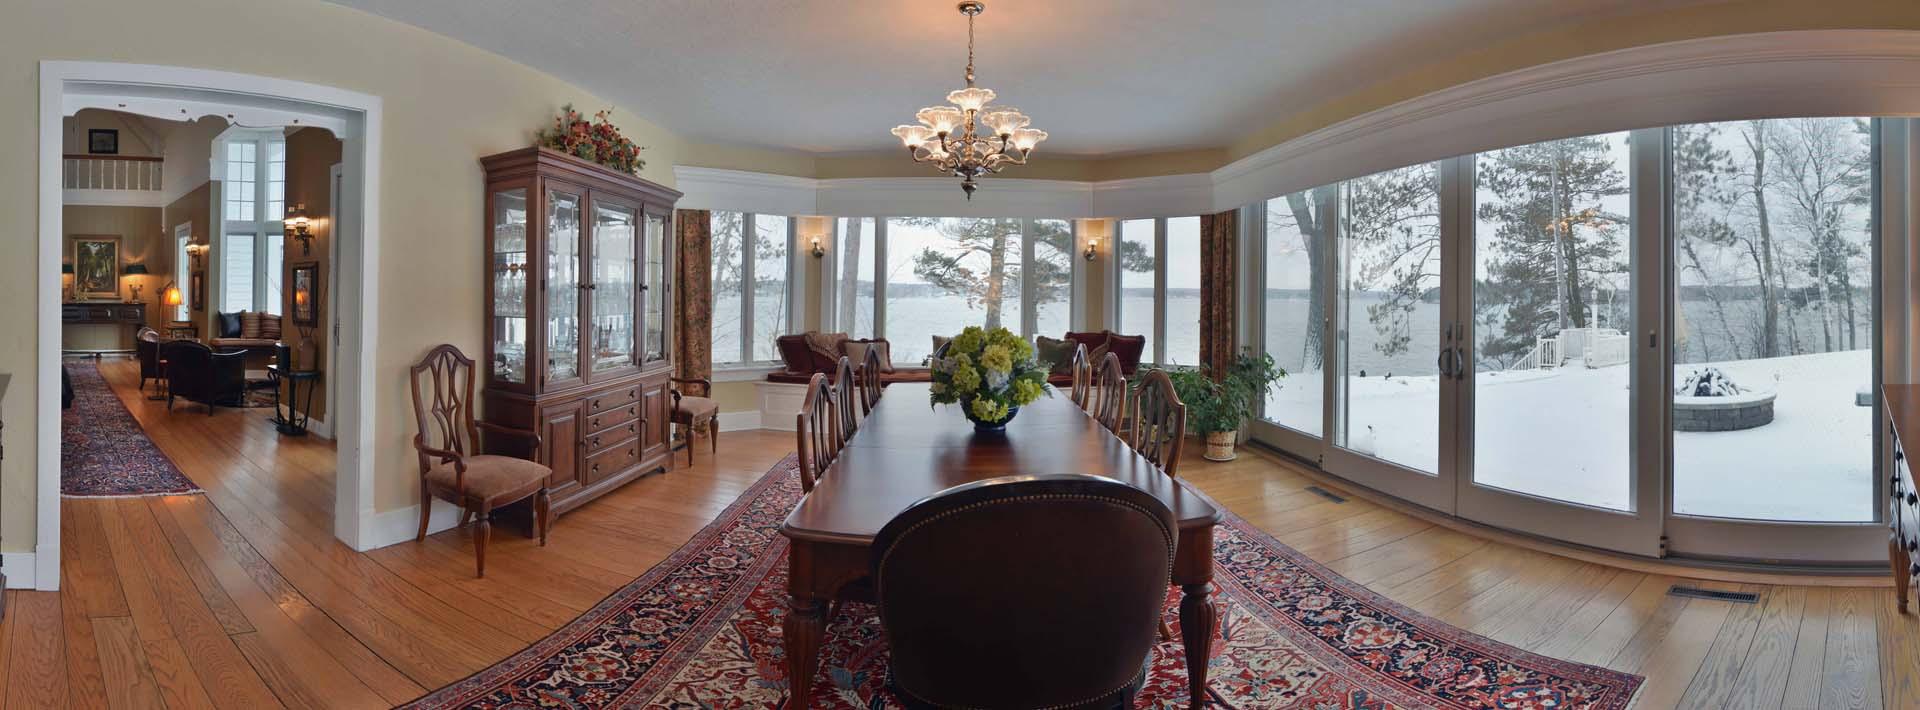 Spooner, Wisconsin Real Estate   Properties for Sale   Benson